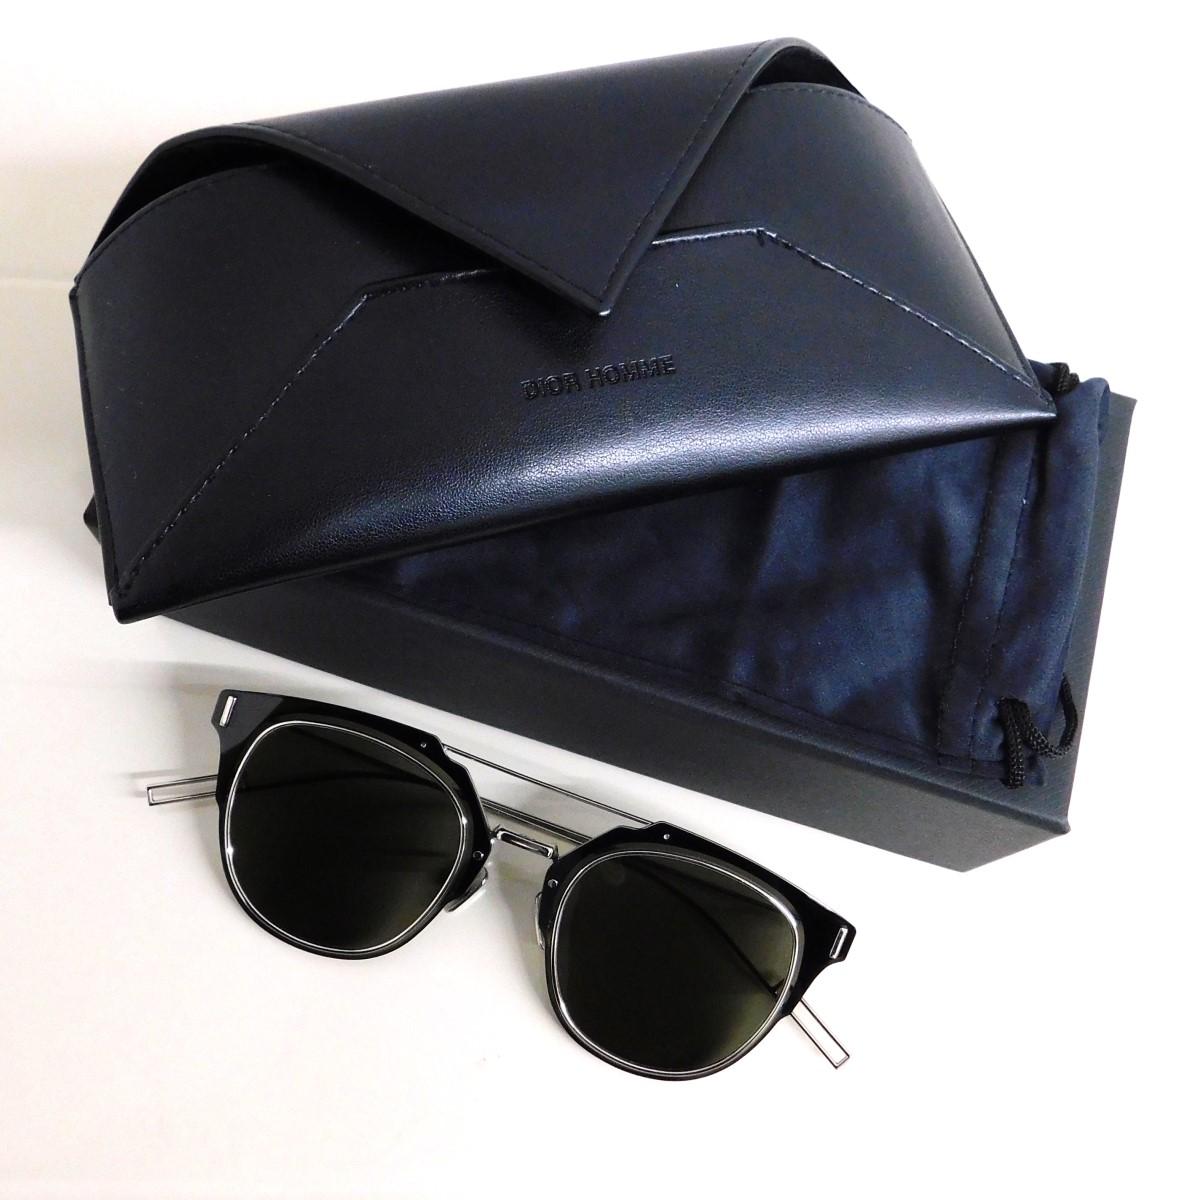 激安 激安特価 送料無料 ディオールオム 中古 Dior Homme COMPOSIT1.0 100521 サングラス 休み サイズ:6212-150 ブラック 0102M